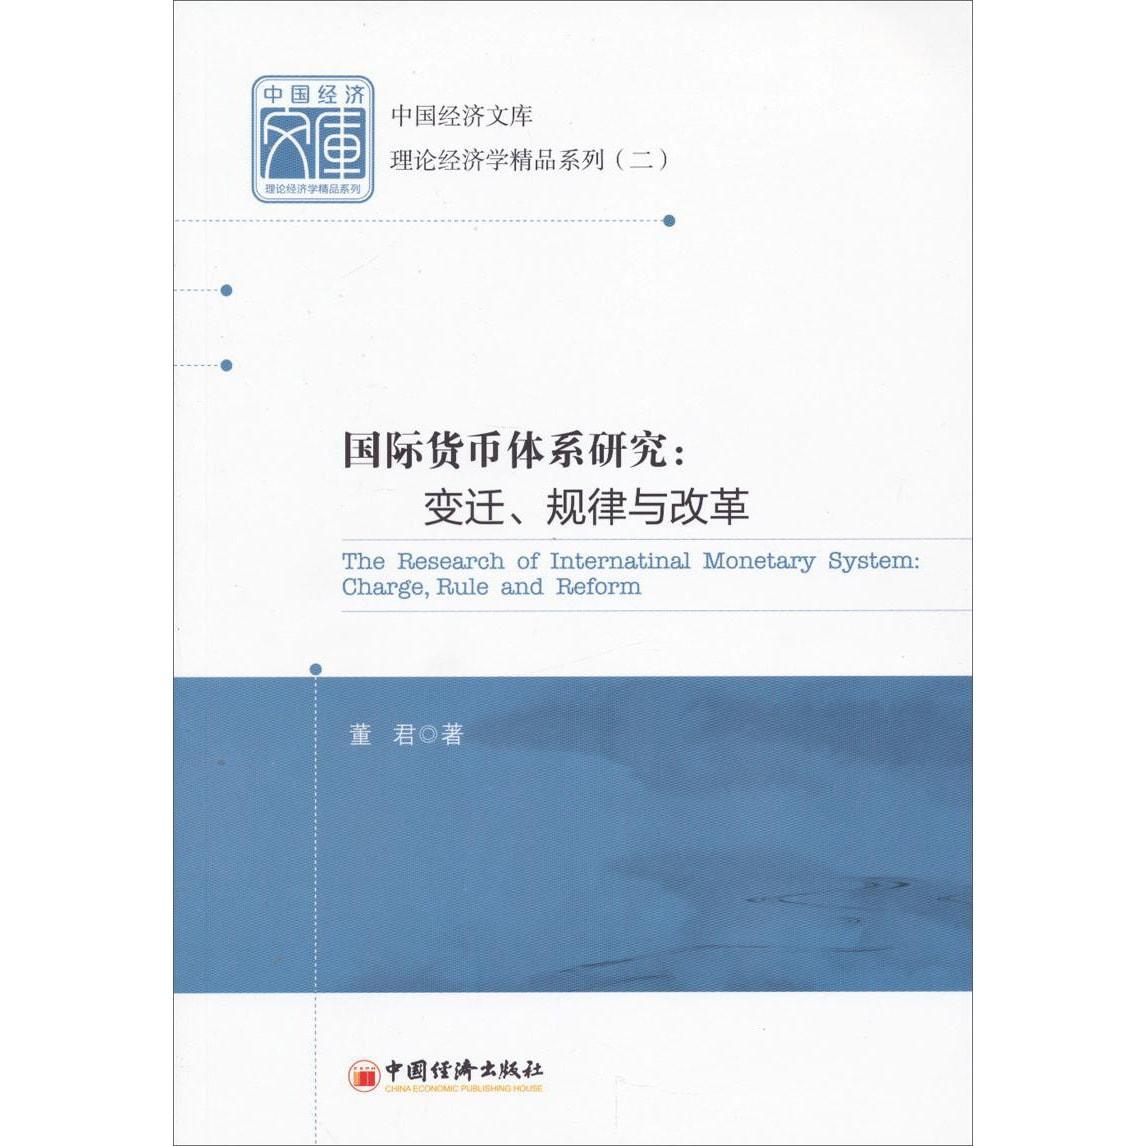 中国经济文库理论经济学精品系列(二)·国际货币体系研究:变迁,规律与改革 怎么样 - 亚米网